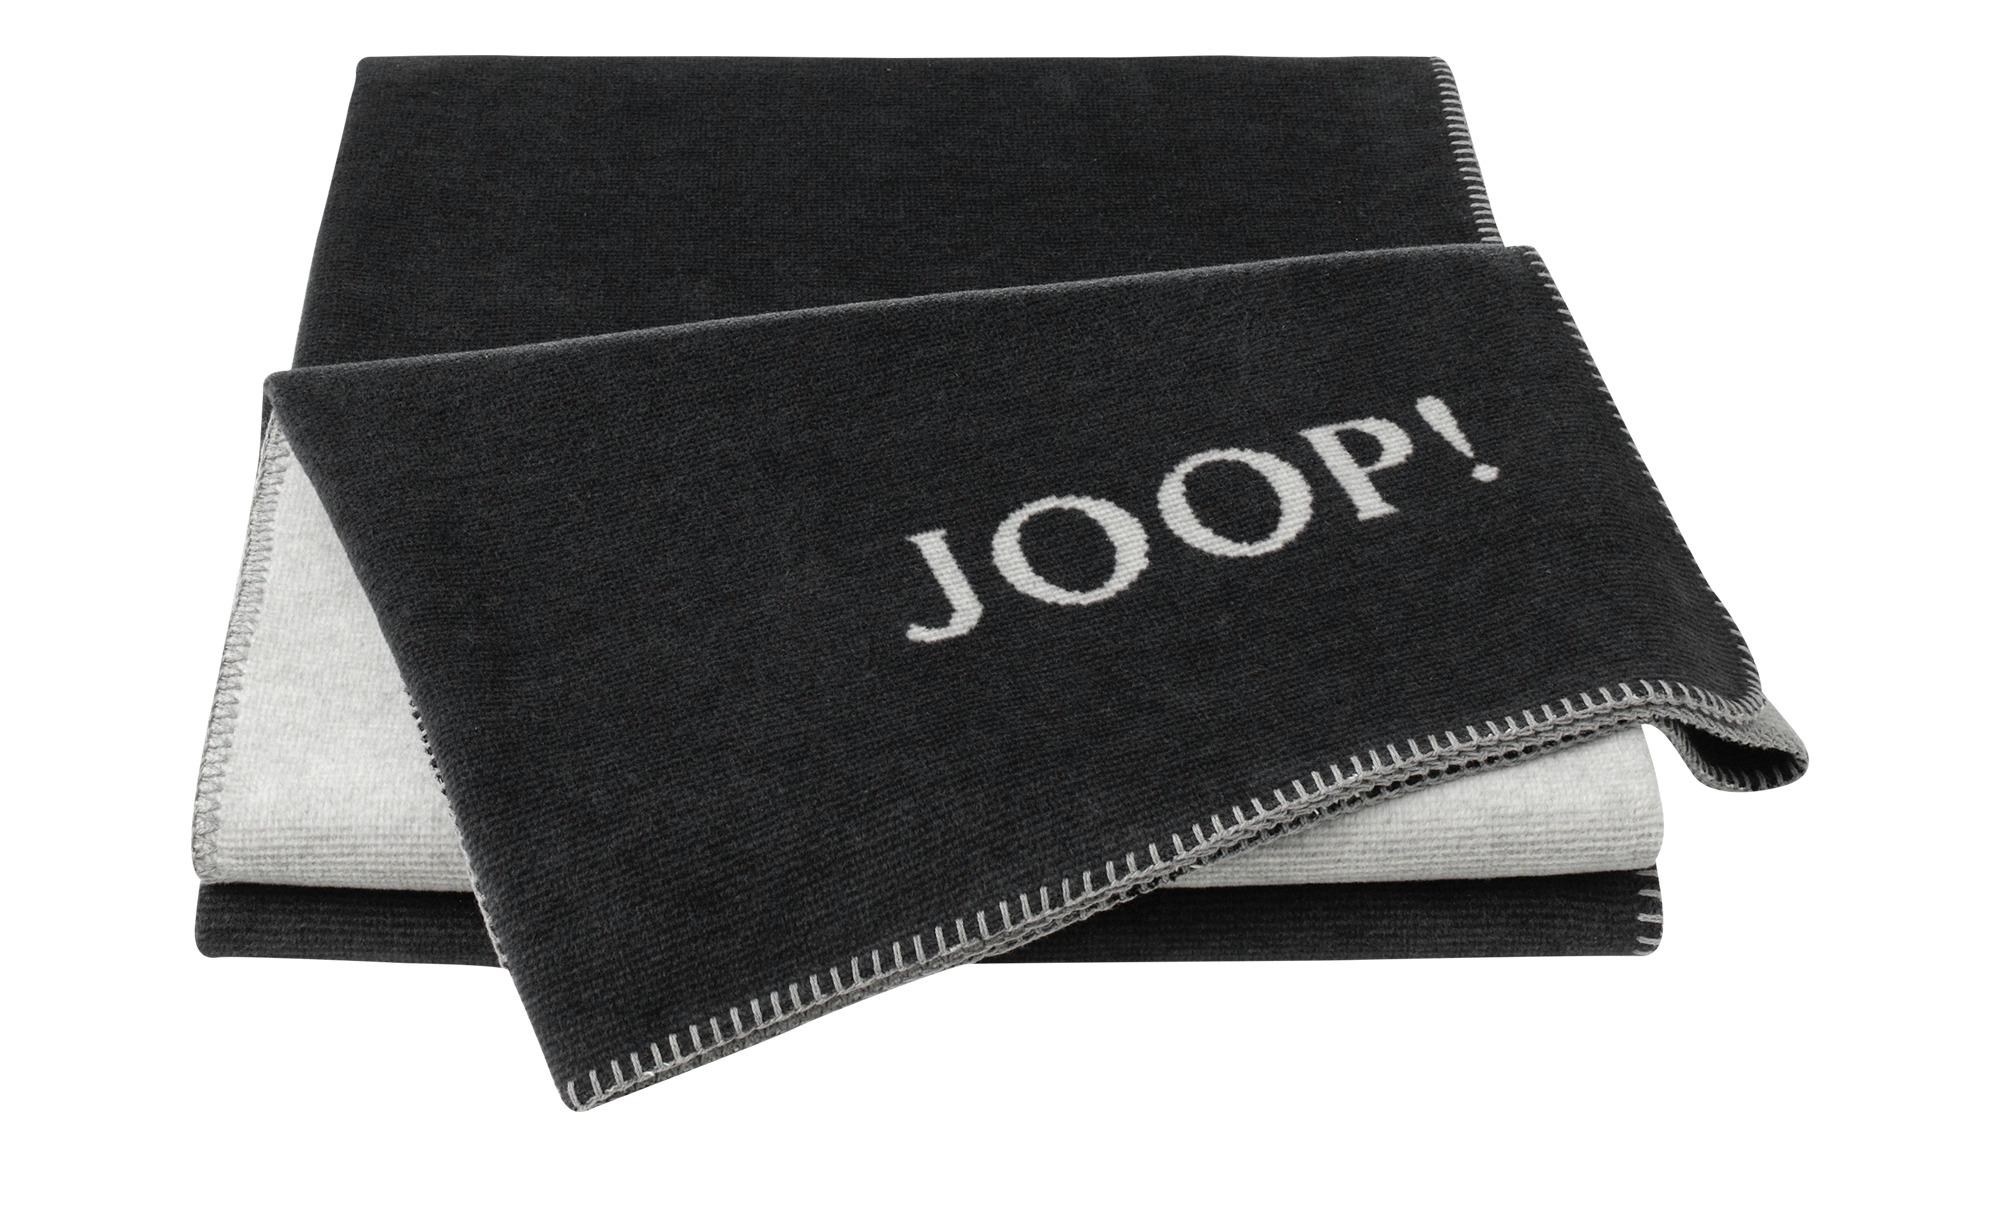 JOOP! Wohndecke  JOOP! Melange-Doubleface ¦ grau ¦ 58% Baumwolle, 35% Polyacryl, 7% Polyester  ¦ Maße (cm): B: 150 Heimtextilien > Kuscheldecken - Höffner